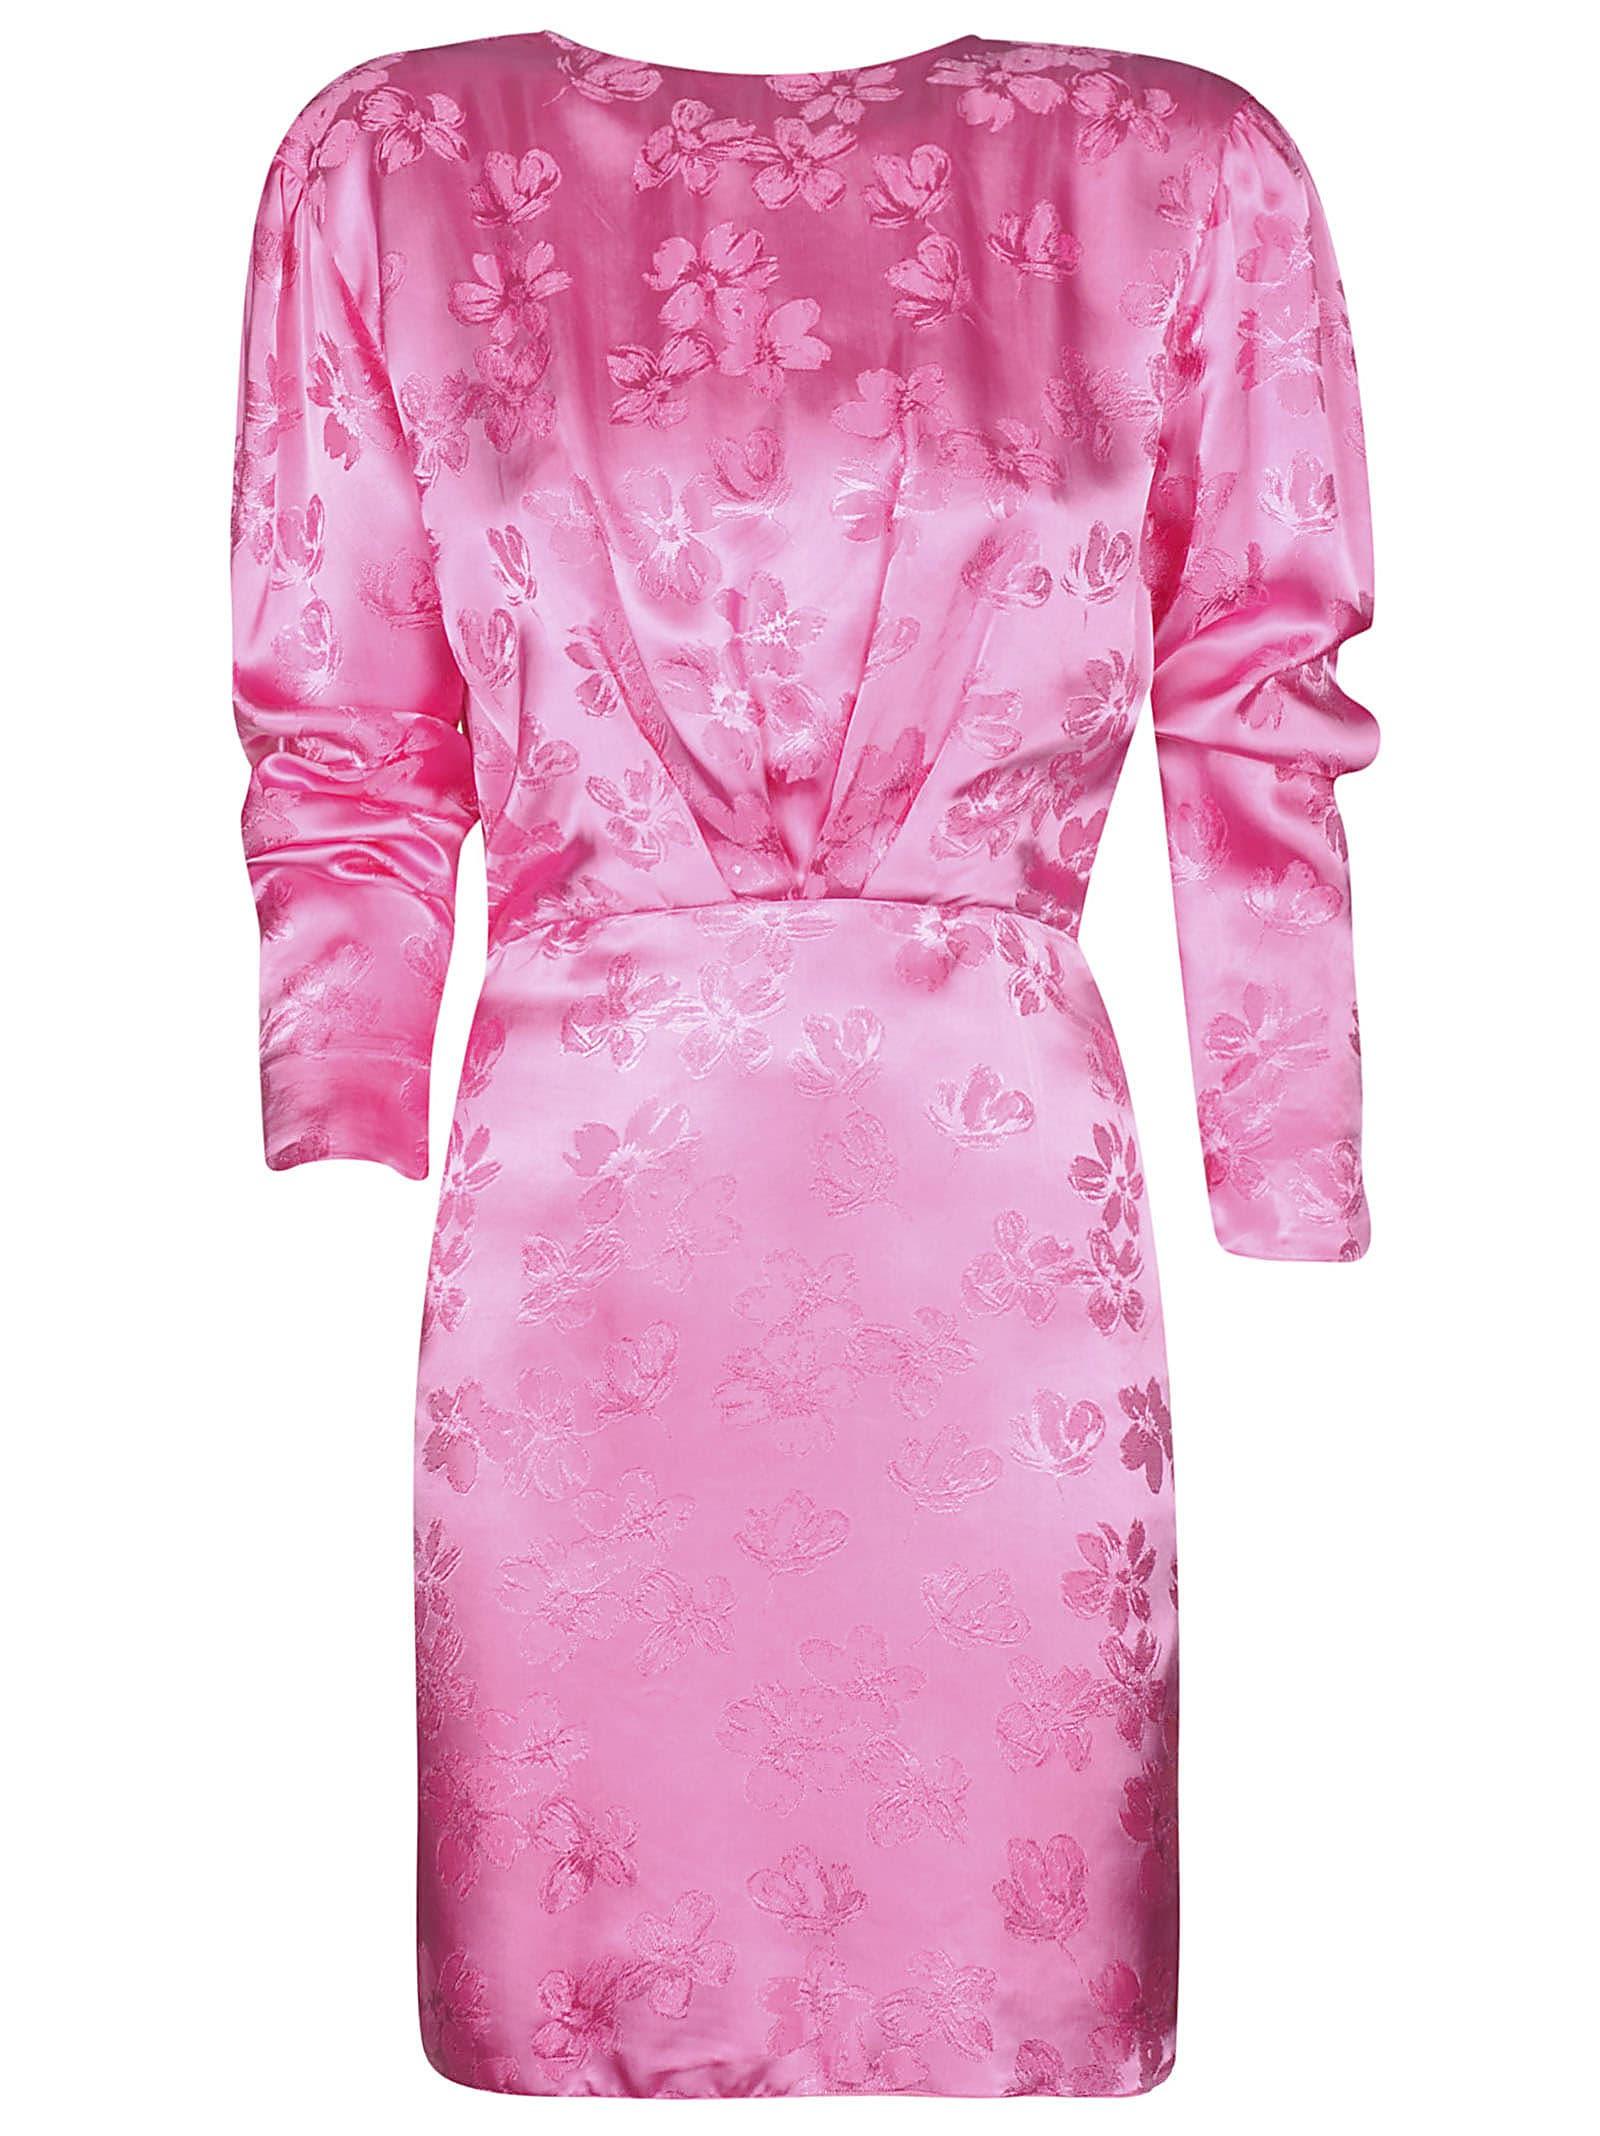 The Attico Macro Fiore Jacquard Dress